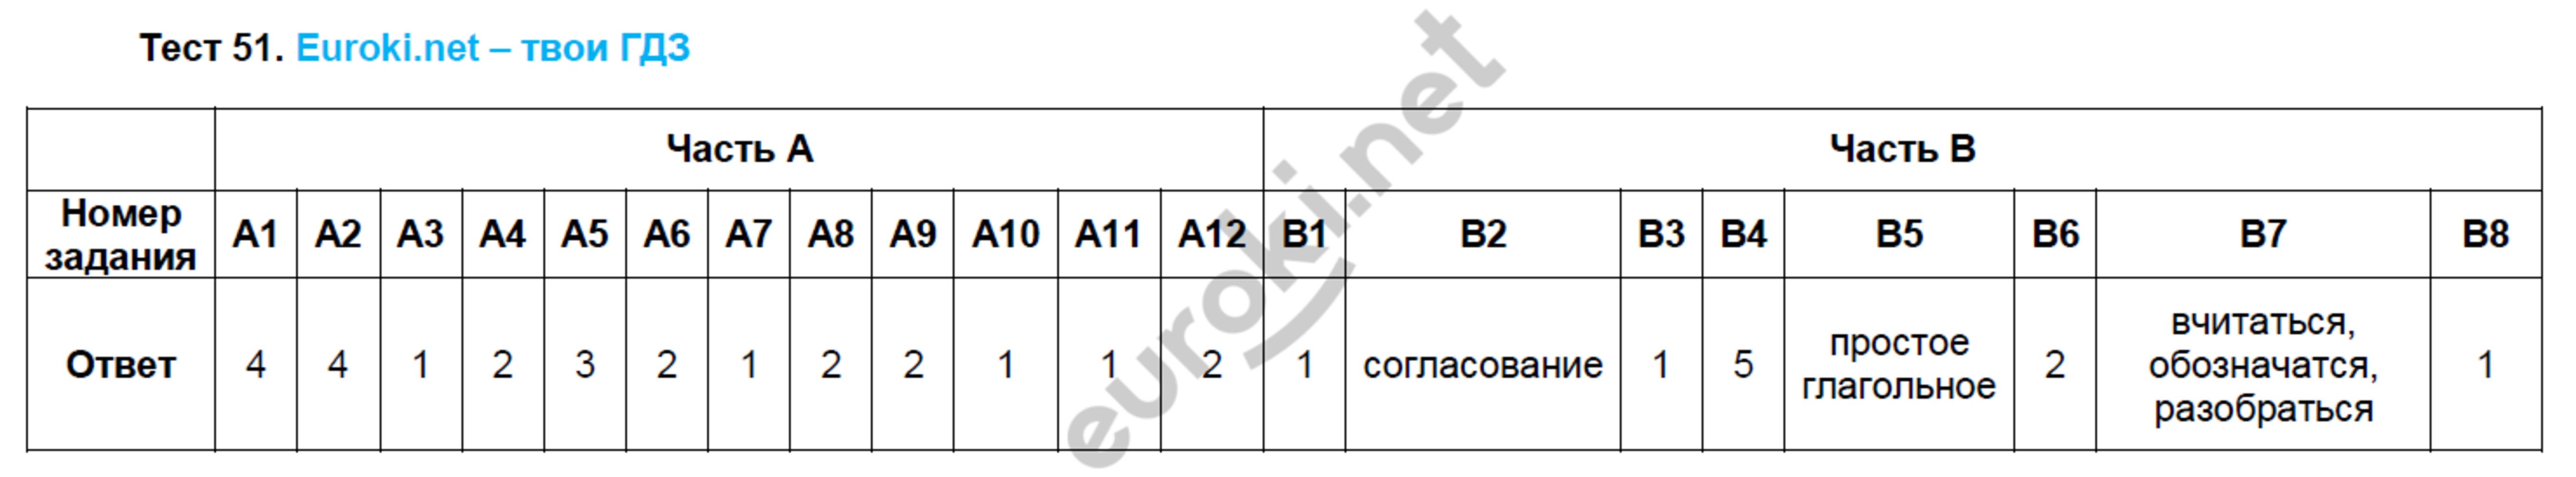 ГДЗ по русскому языку 8 класс тесты Груздева, Разумовская. Задание: Тест 51